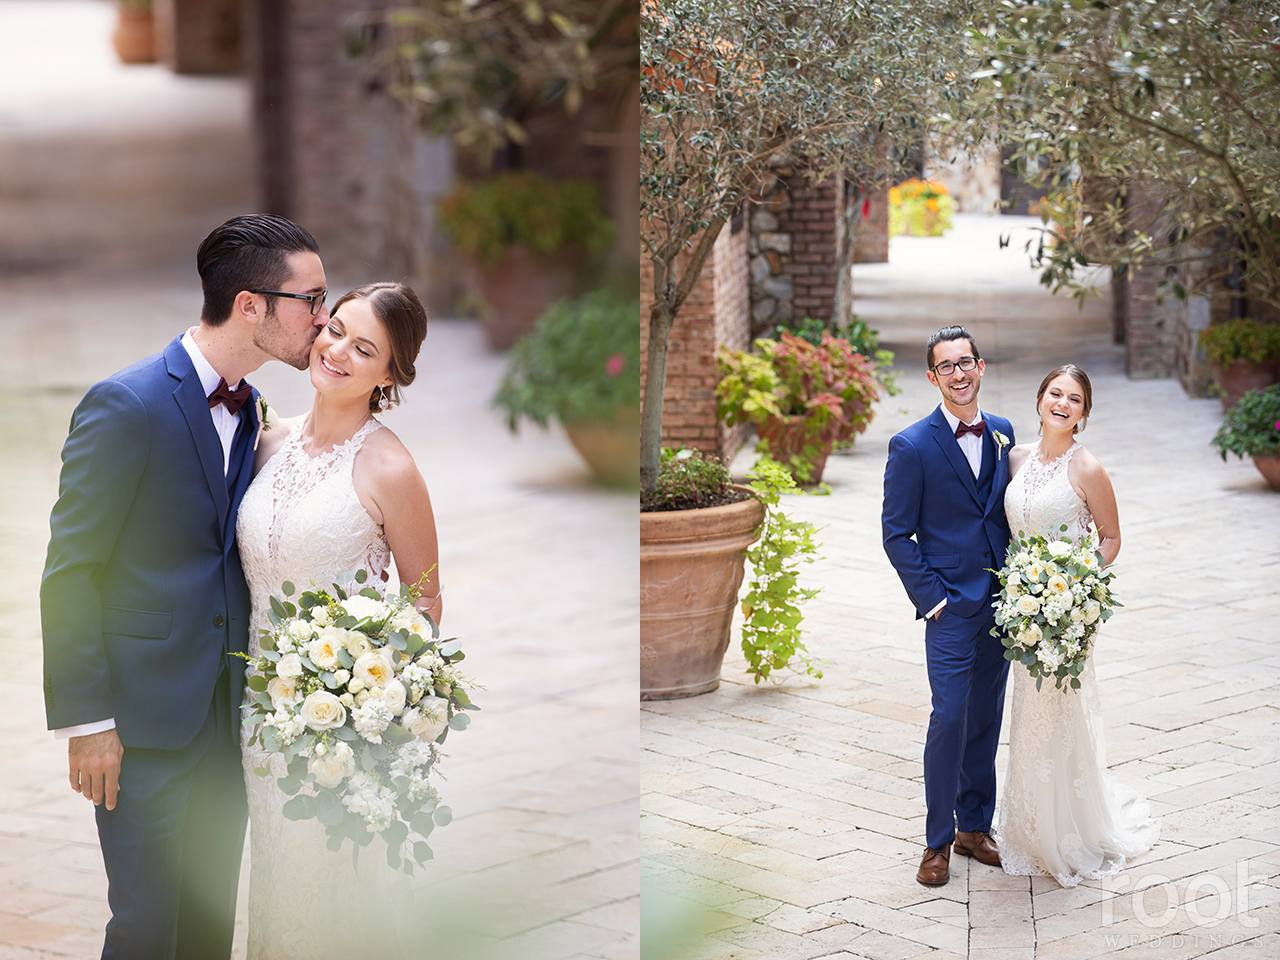 Wedding portraits at Bella Collina